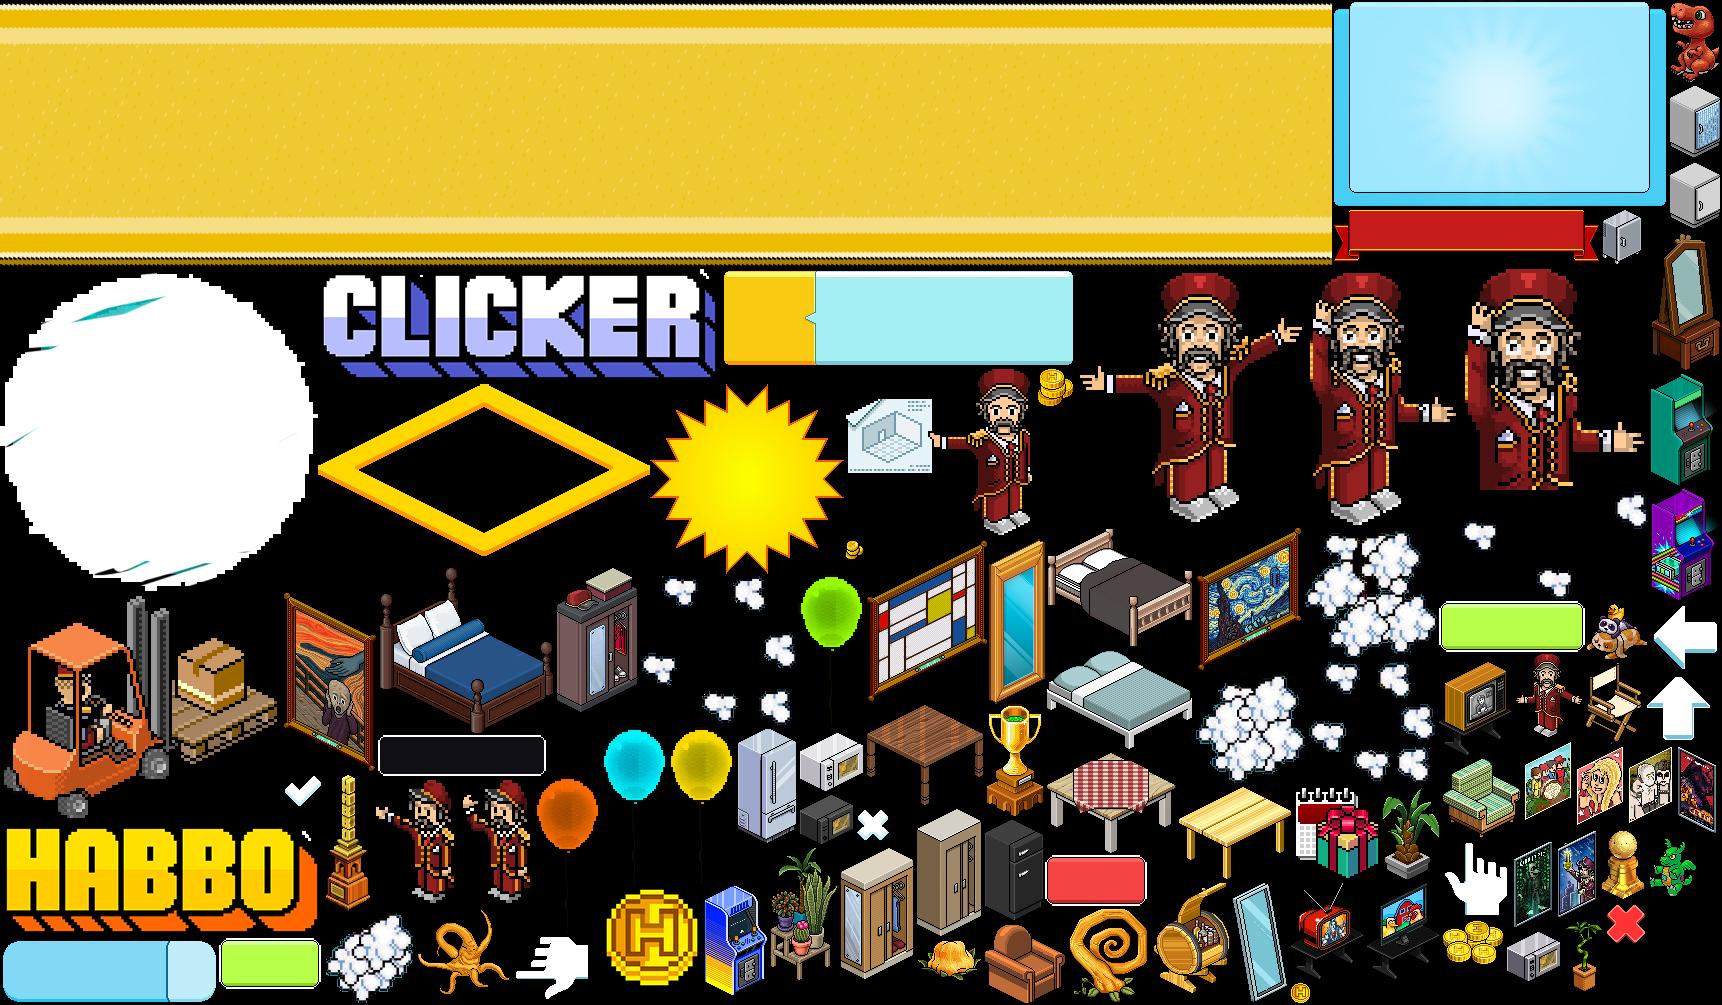 """Prova il nuovo gioco """"Habbo Clicker"""" in HTML5 - Pagina 4 Atlas_13"""